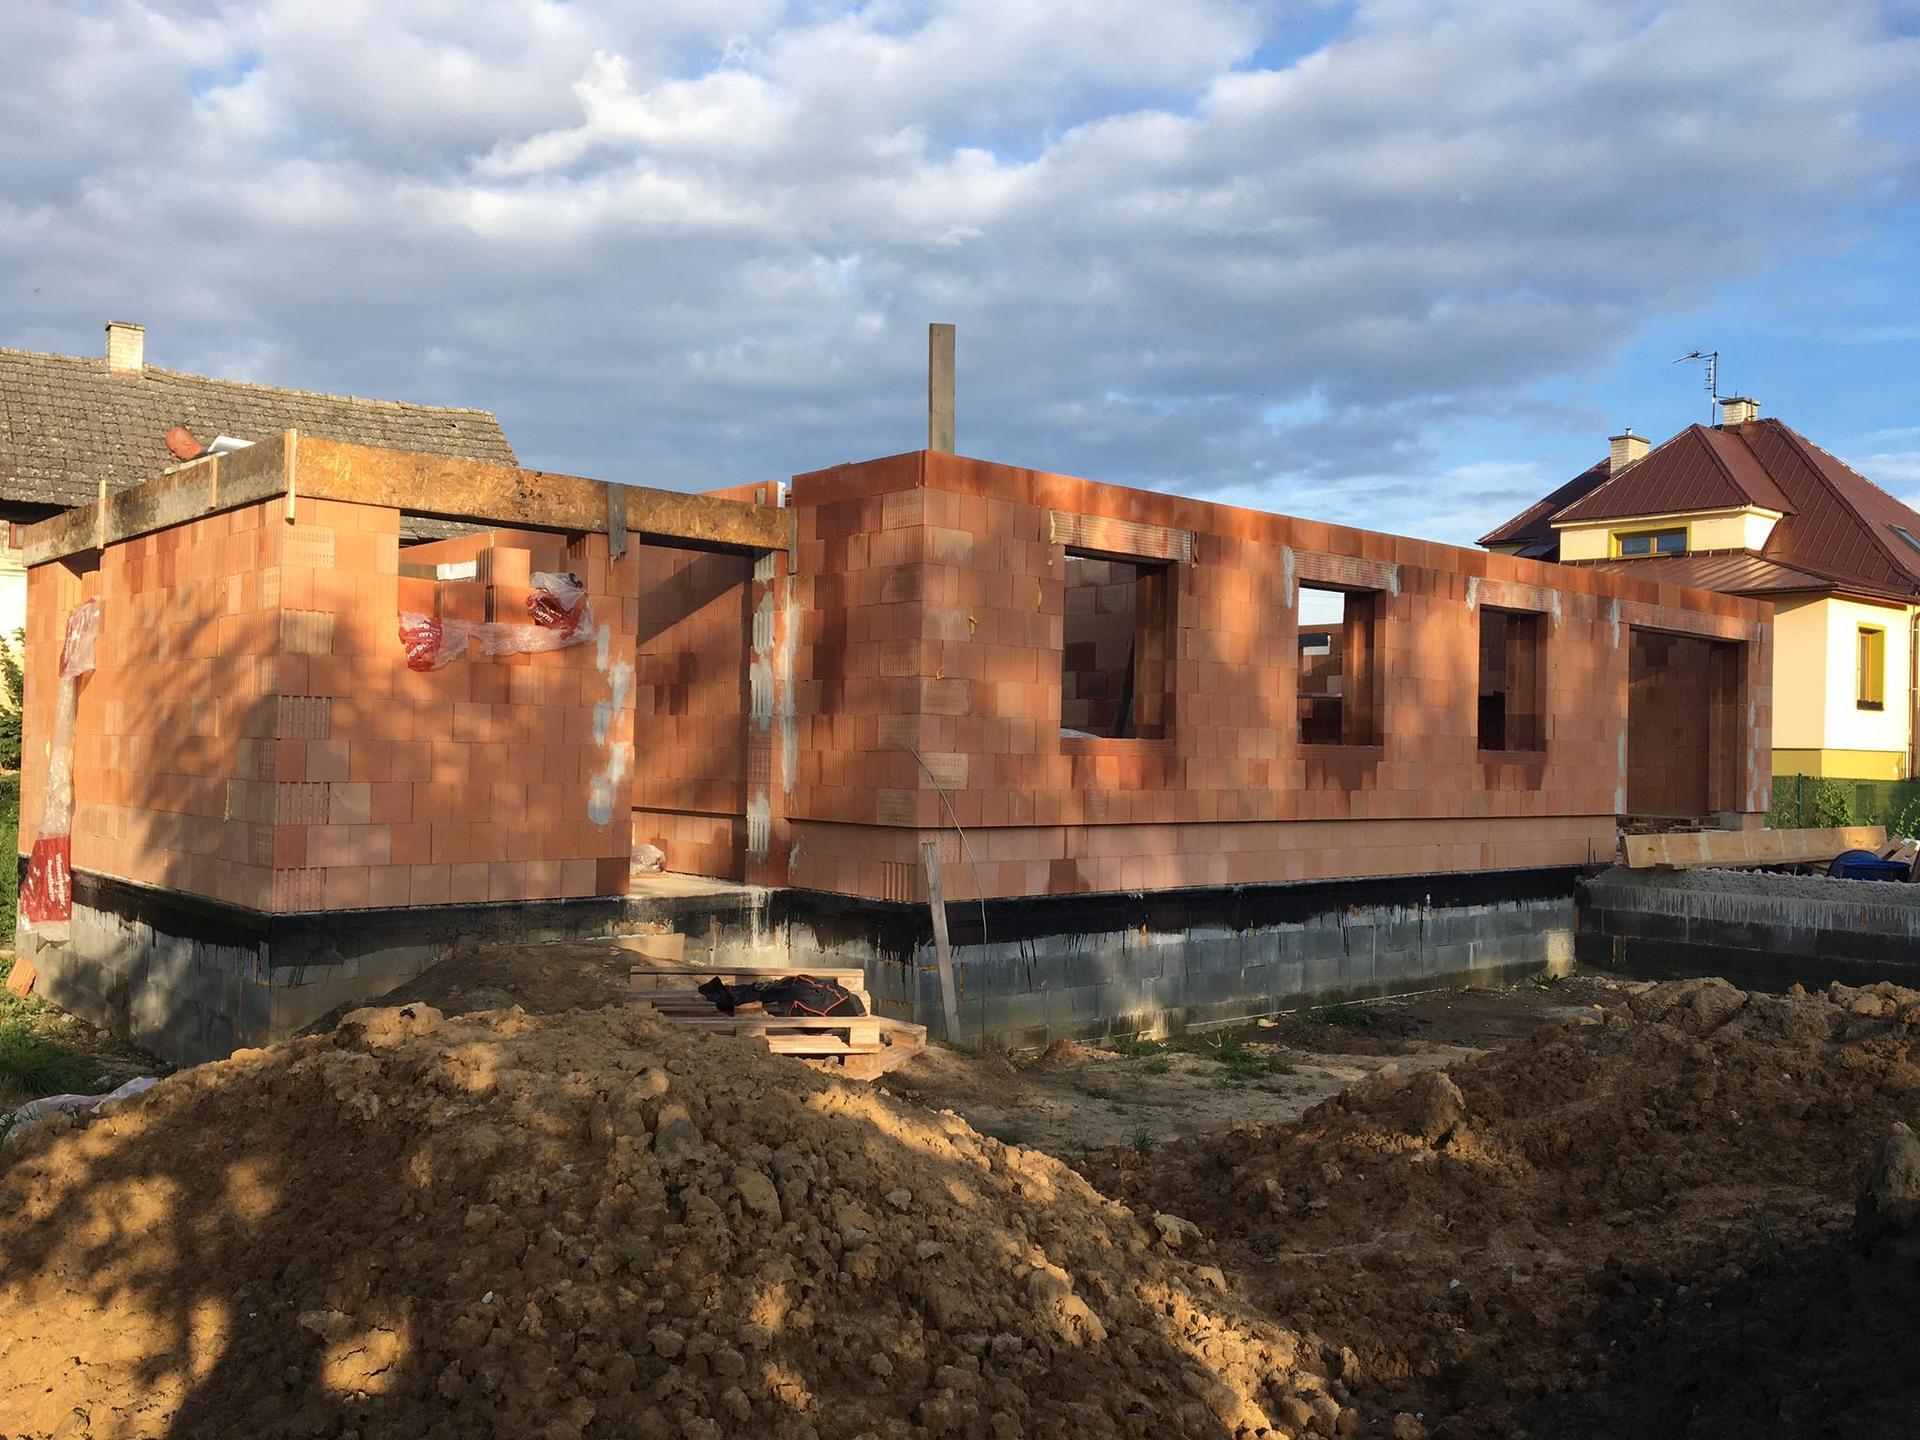 Stavba od výkopu po lustr - Před vylitím věnce 10.9.2020